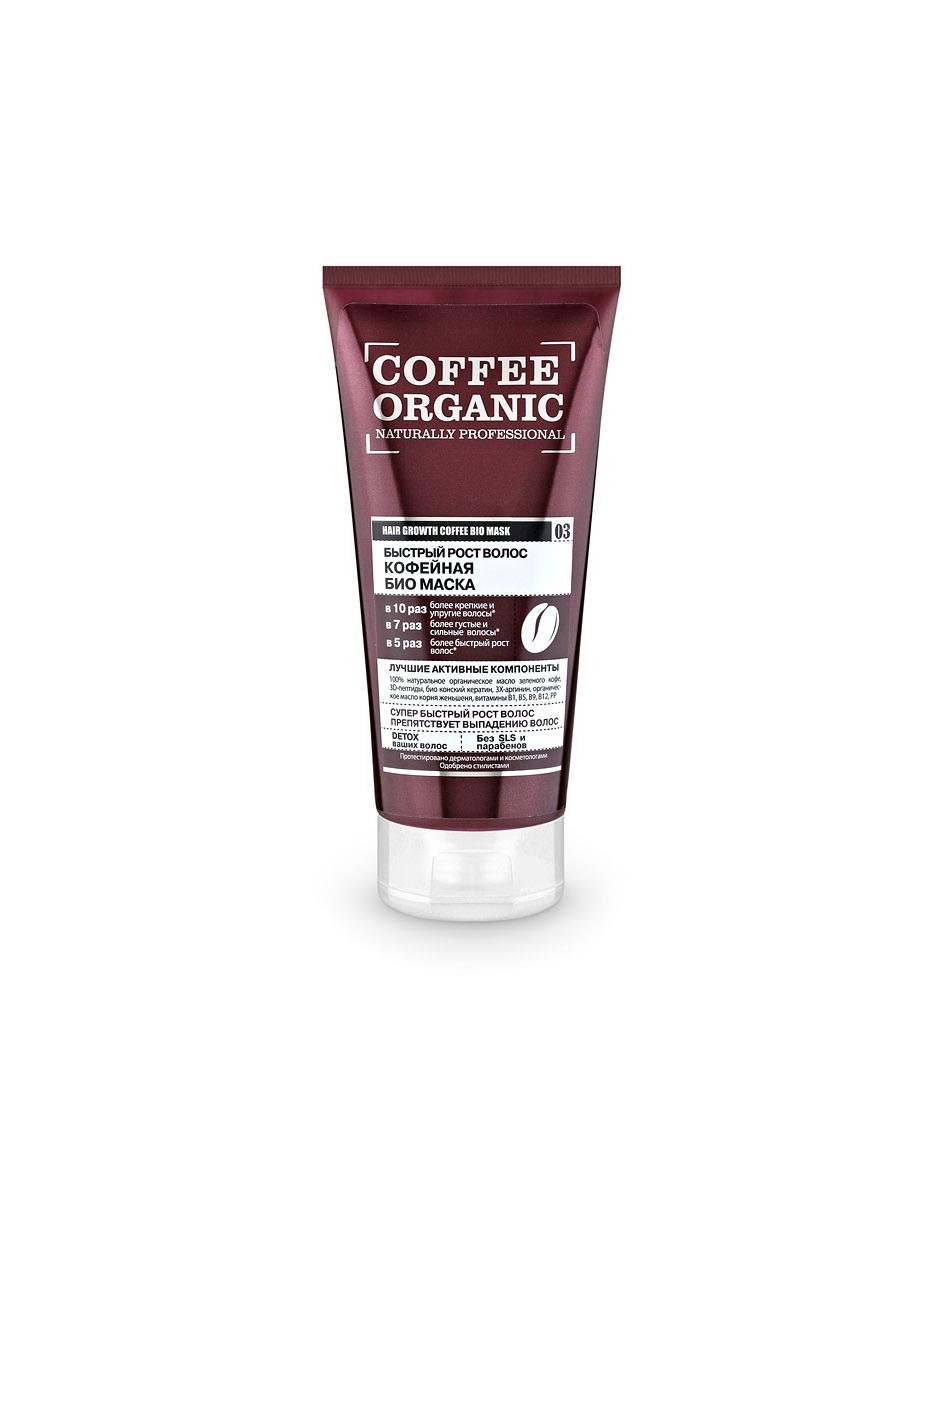 Оrganic Shop Naturally Professional Био-маска для волос Быстрый рост волос, кофейная, 200 млFS-00610100% натуральное органическое масло зеленого кофе активно тонизируют кожу головы, пробуждая волосяные луковицы и обеспечивая быстрый рост волос. 3D-пептиды залечивают поврежденную структуру волос, предотвращая ломкость. Био-конский кератин защищает волосы, придает мягкость и эластичность. Органическое масло корня женьшеня глубоко питает и укрепляет волосяные луковицы, предотвращая выпадение волос. 3X-аргинин уплотняет волосы, делая их густыми и крепкими. Товар сертифицирован.